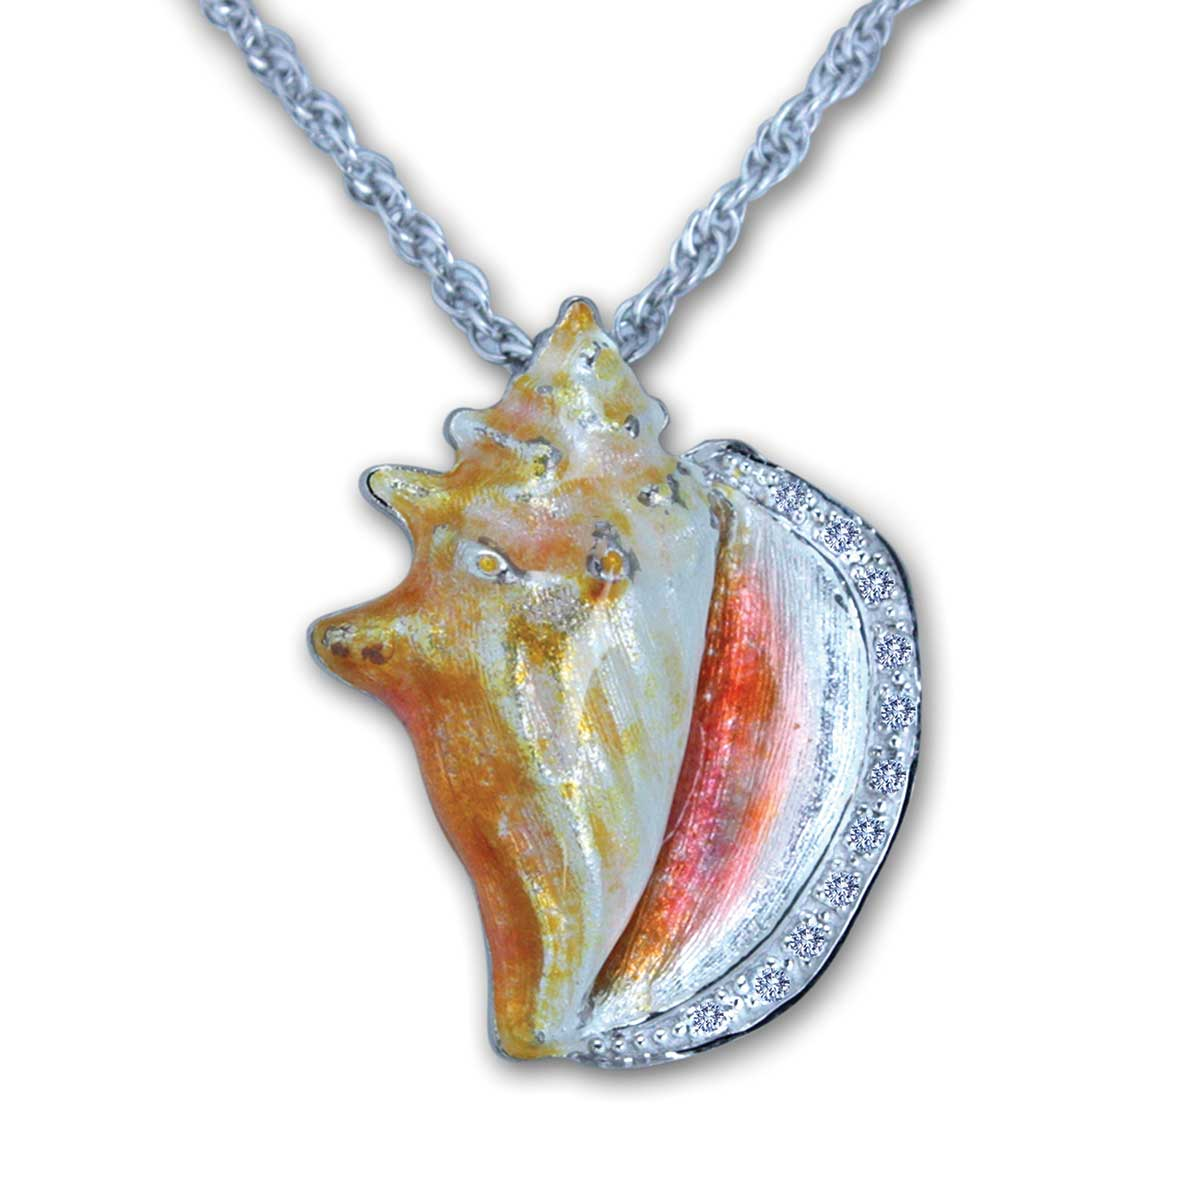 http://www.guyharveyjewelry.com/